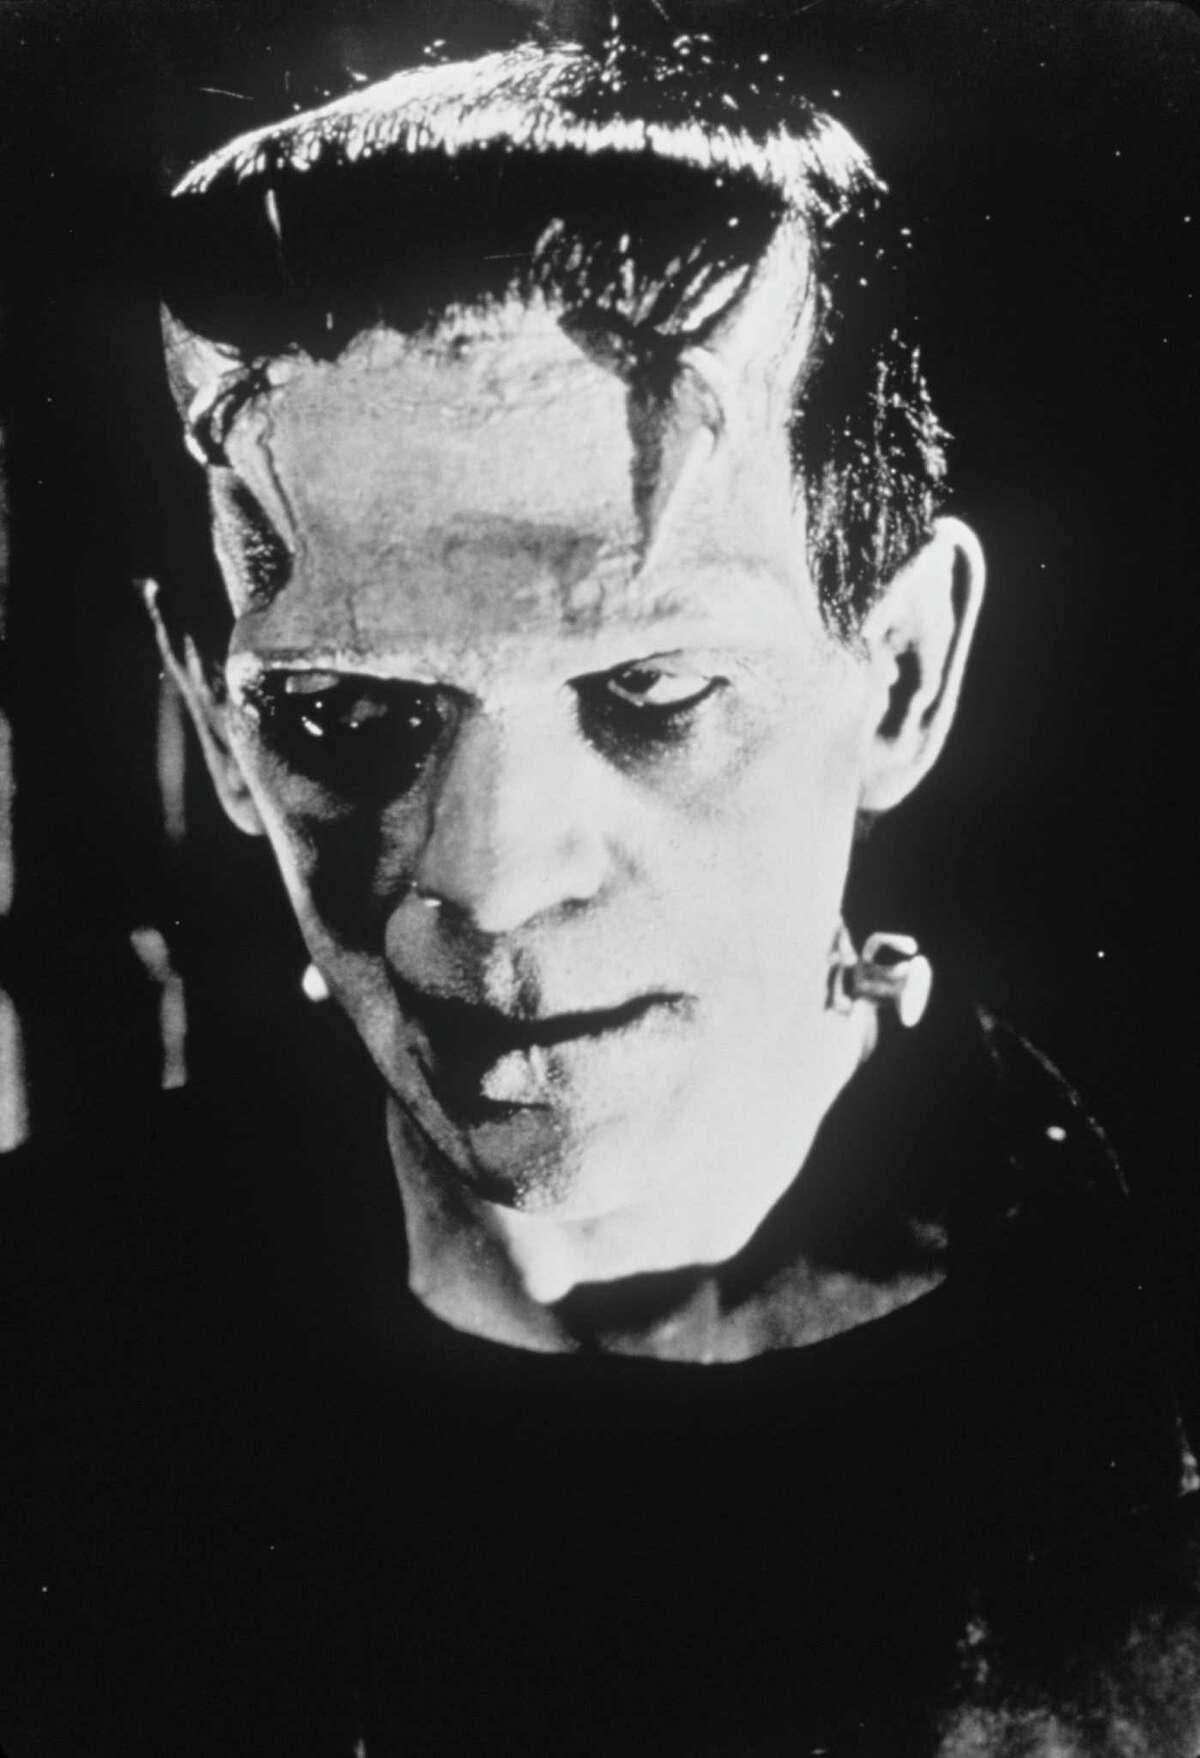 FRANKENSTEIN - (1931) Boris Karloff stars in